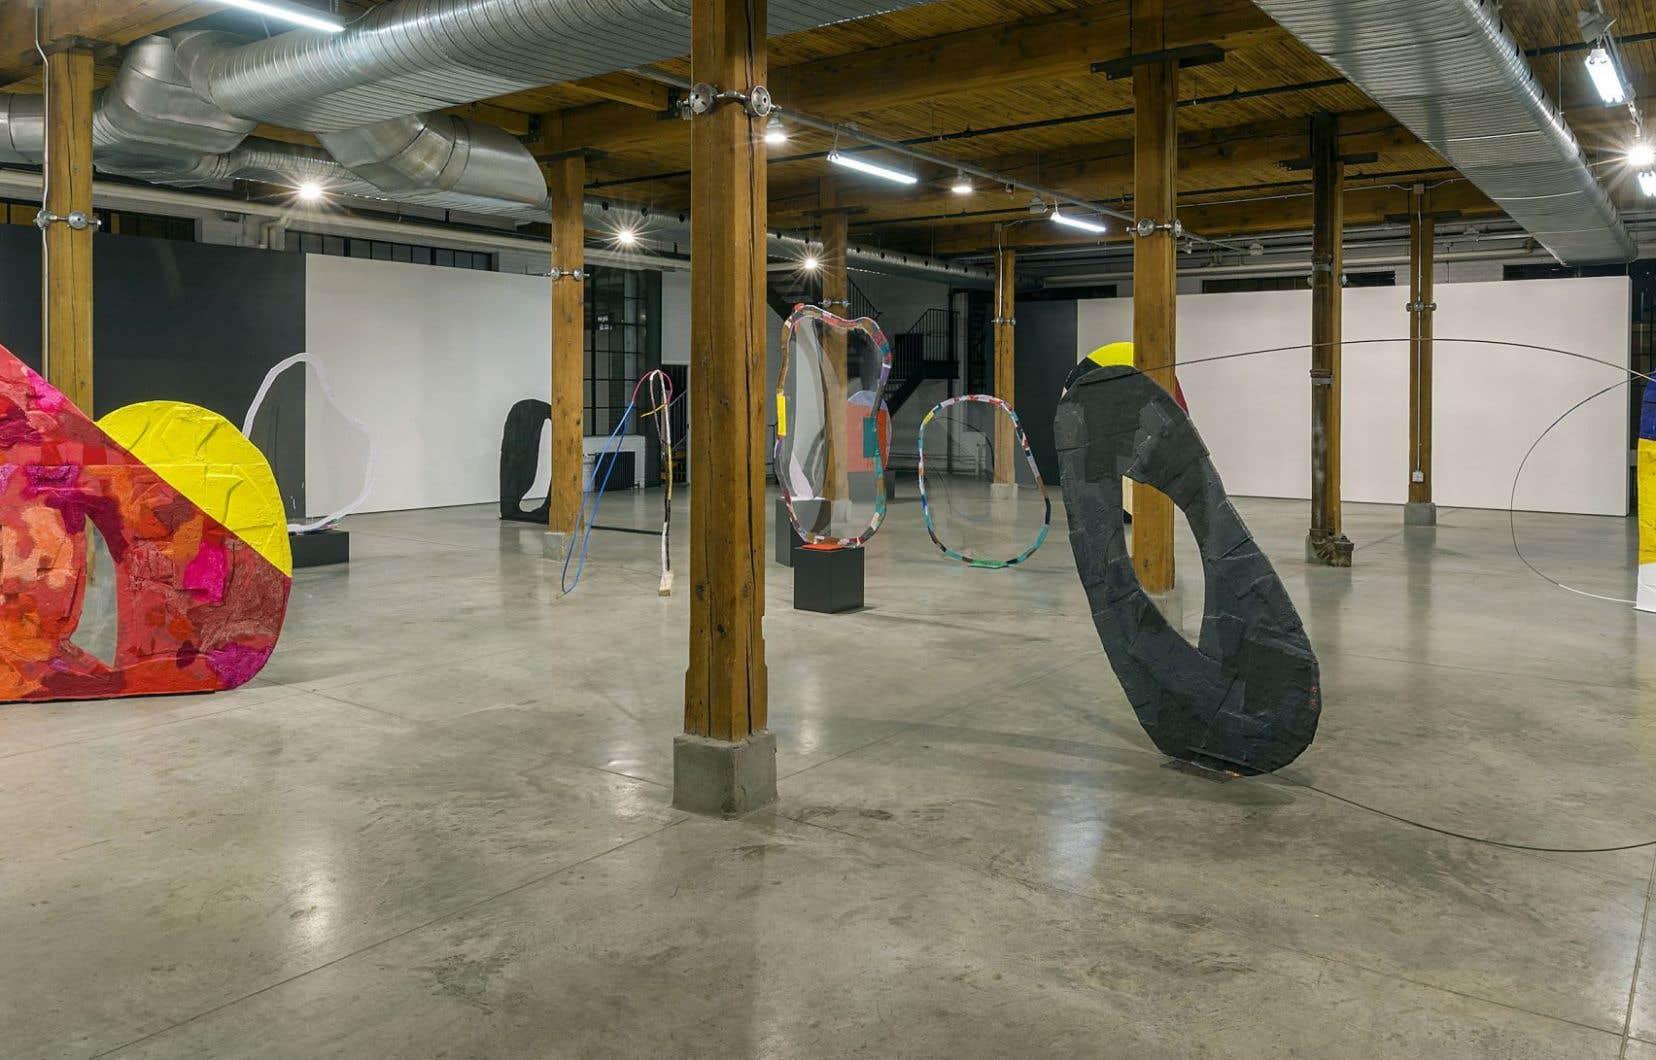 C'est la première exposition personnelle de Fabienne Lasserre à Montréal depuis 2003.